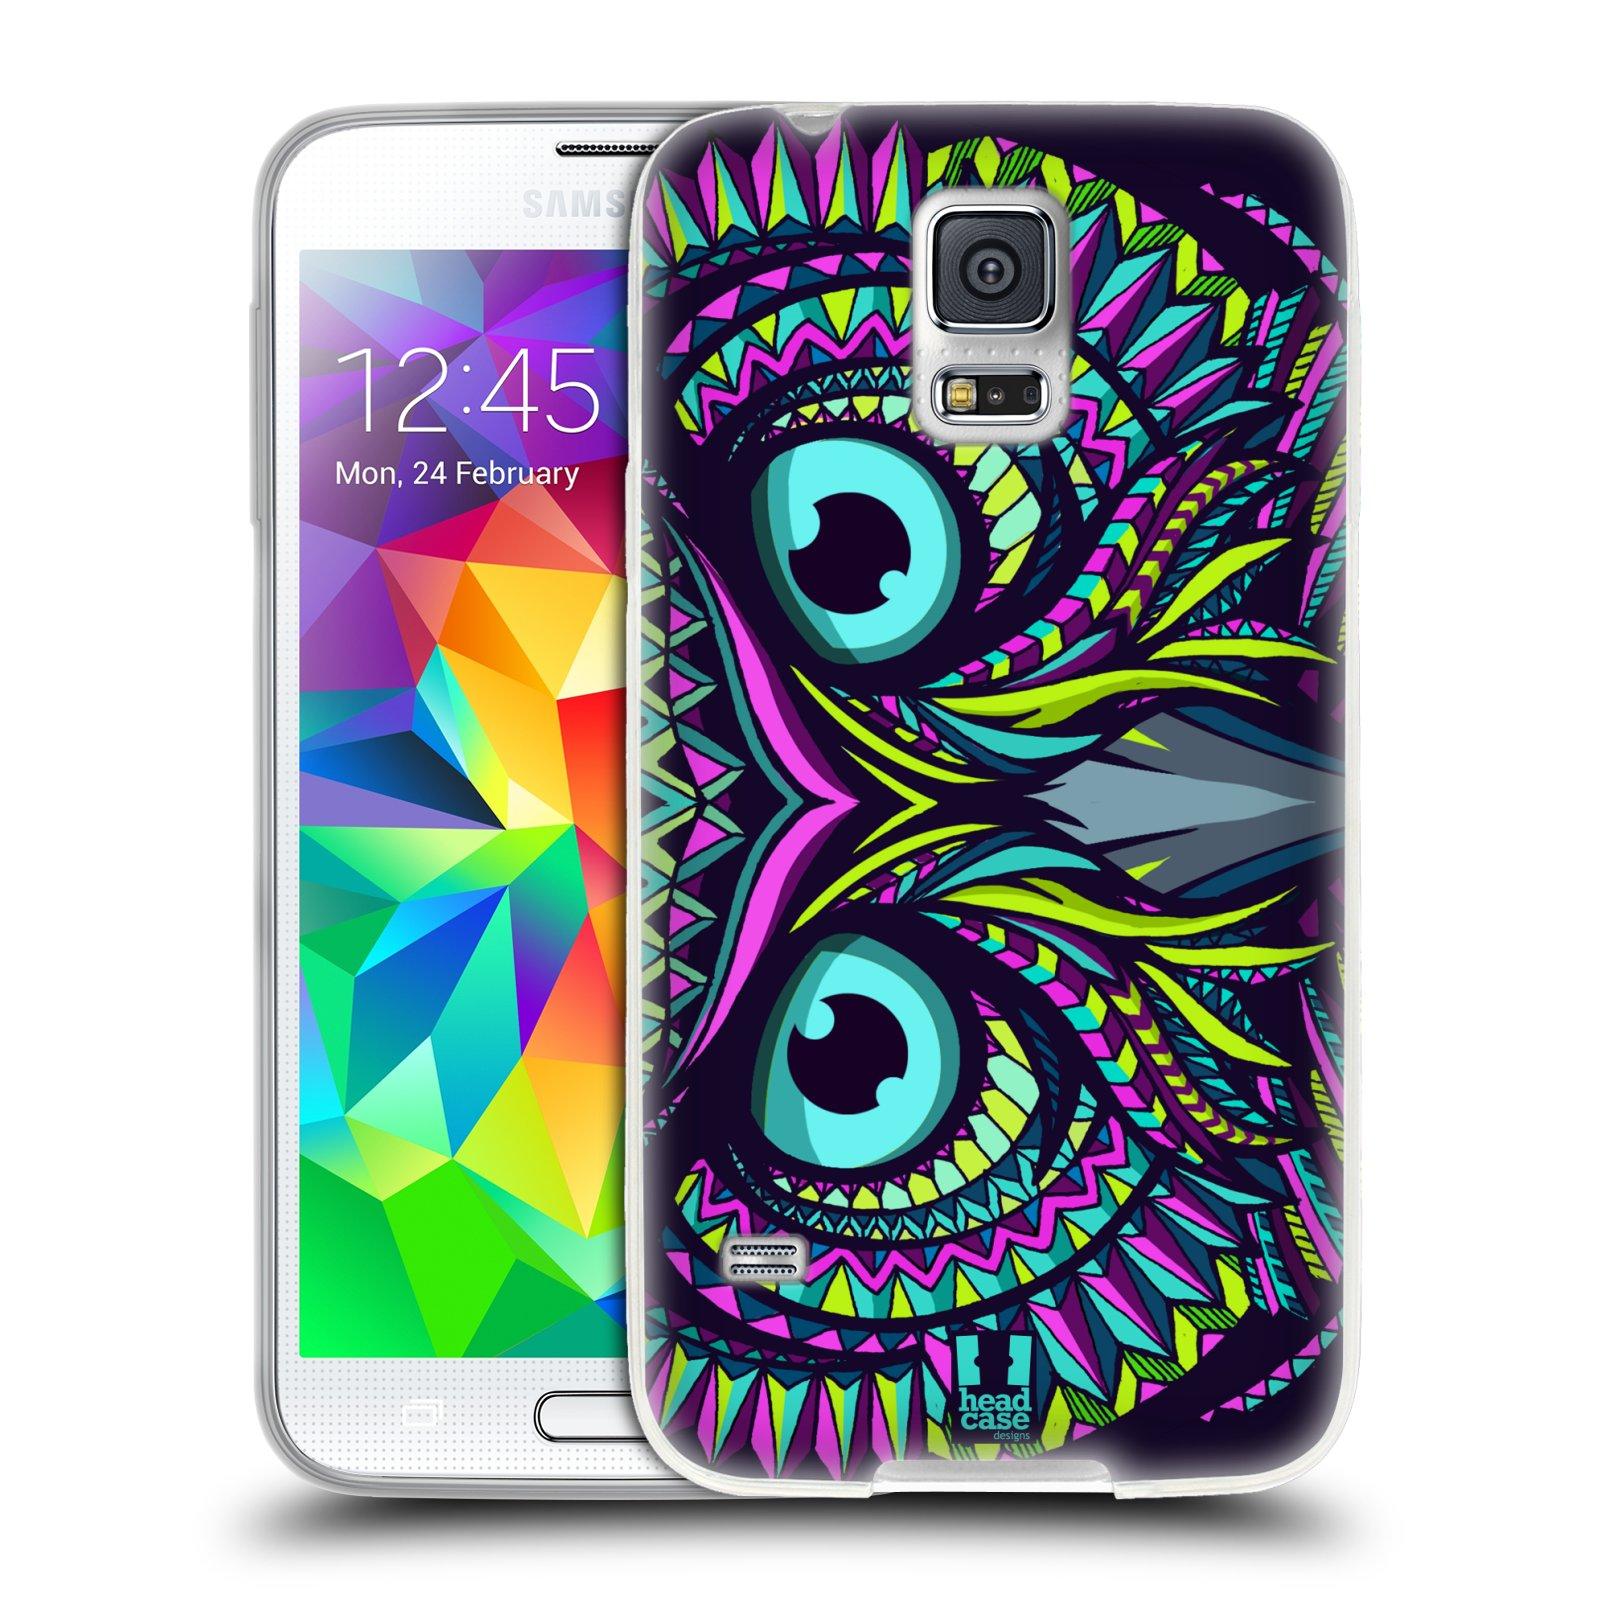 Silikonové pouzdro na mobil Samsung Galaxy S5 HEAD CASE AZTEC SOVA